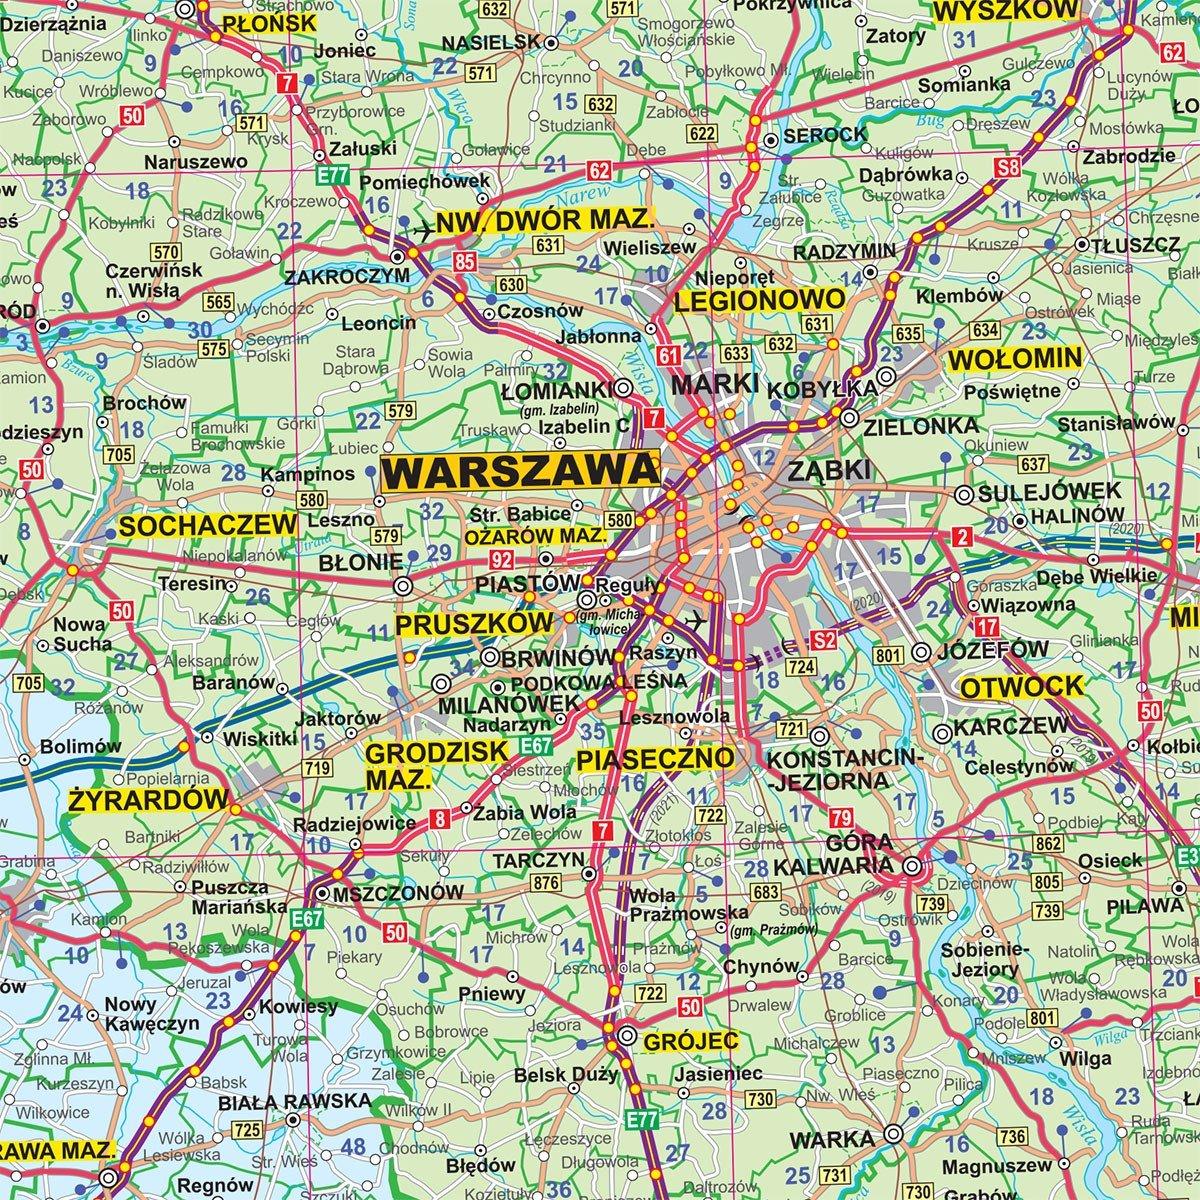 Mapa Scienna Administracyjno Drogowa Polski 1 700 000 8